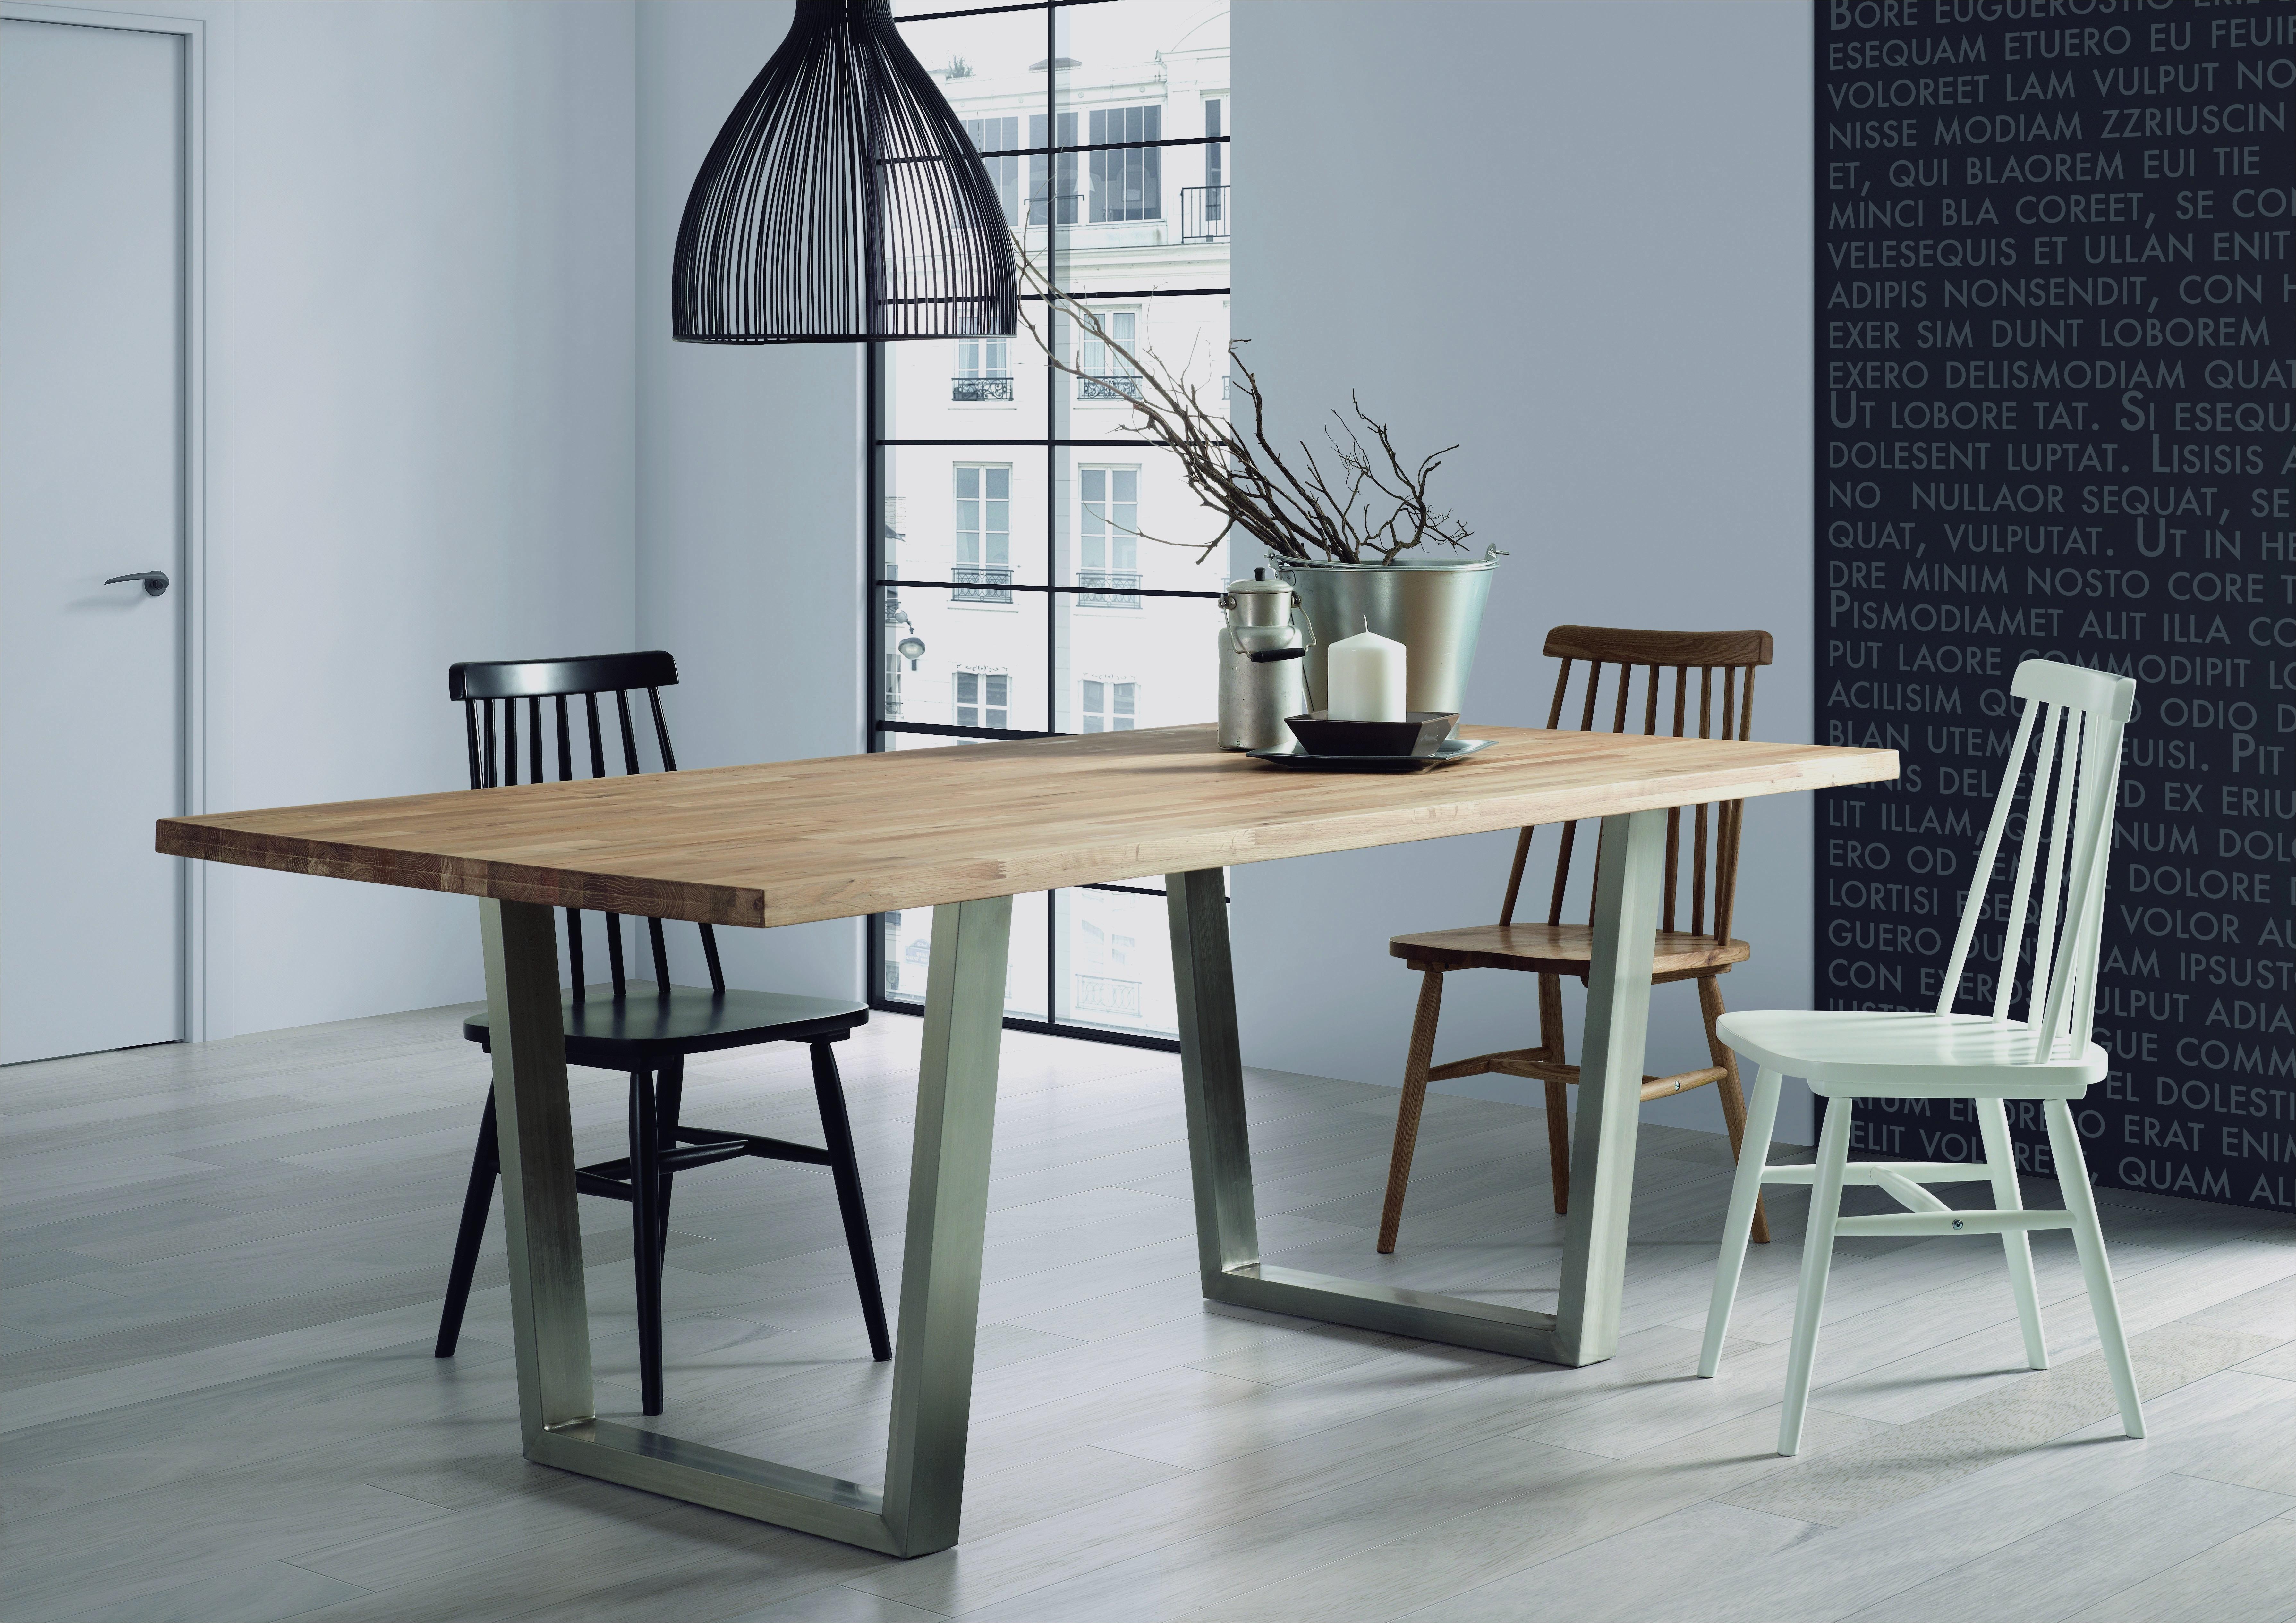 Cheval à Bascule En Bois Ikea Meilleur De Photos Les 21 Inspirant Pied De Table Fonte S